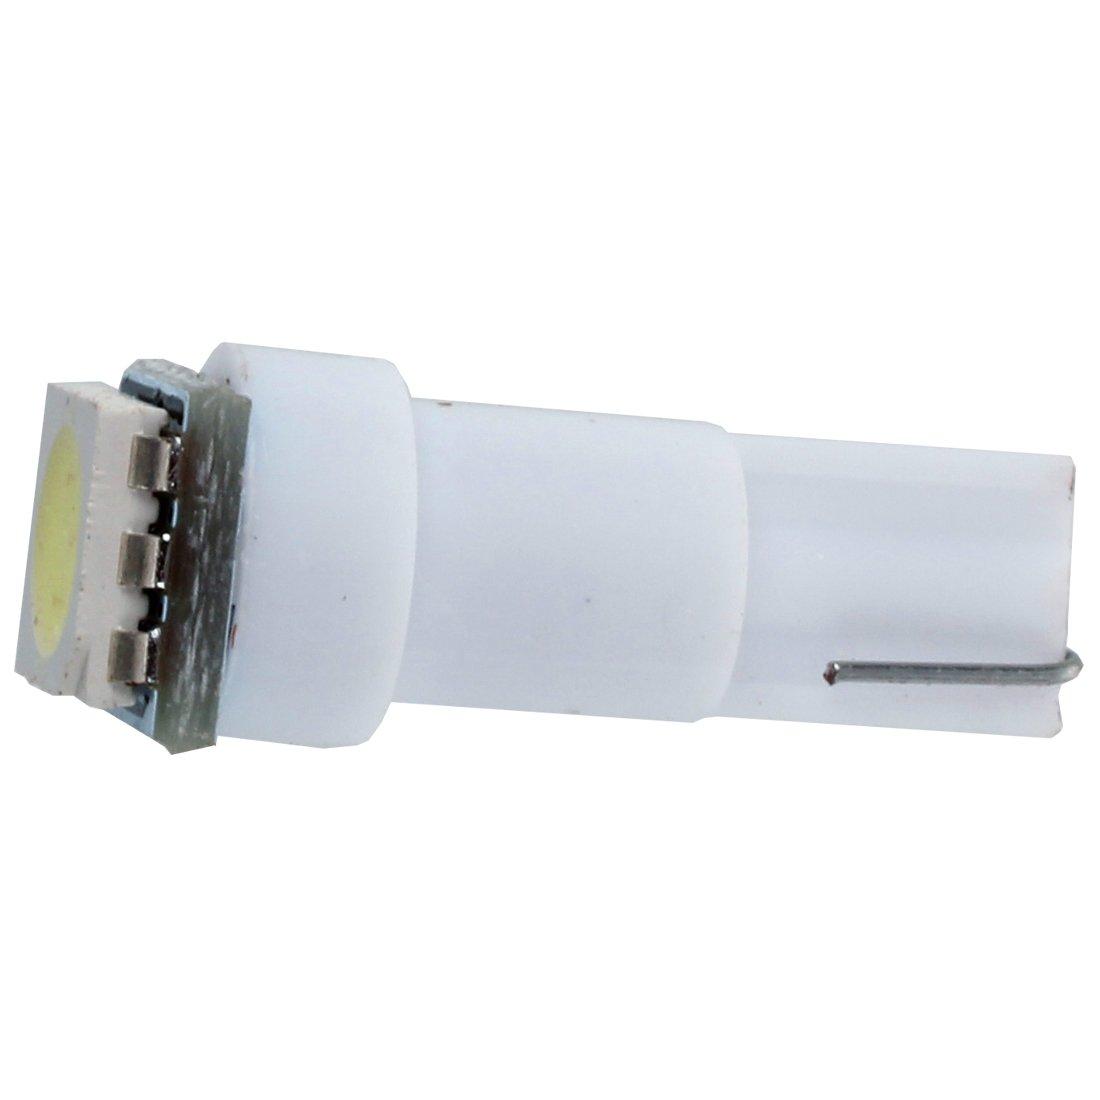 BMYUK 10X coche T5 5050 bombillas de LED SMD 1 Dashboard Blanco lampara de luz 74 37 286 18 27 12v